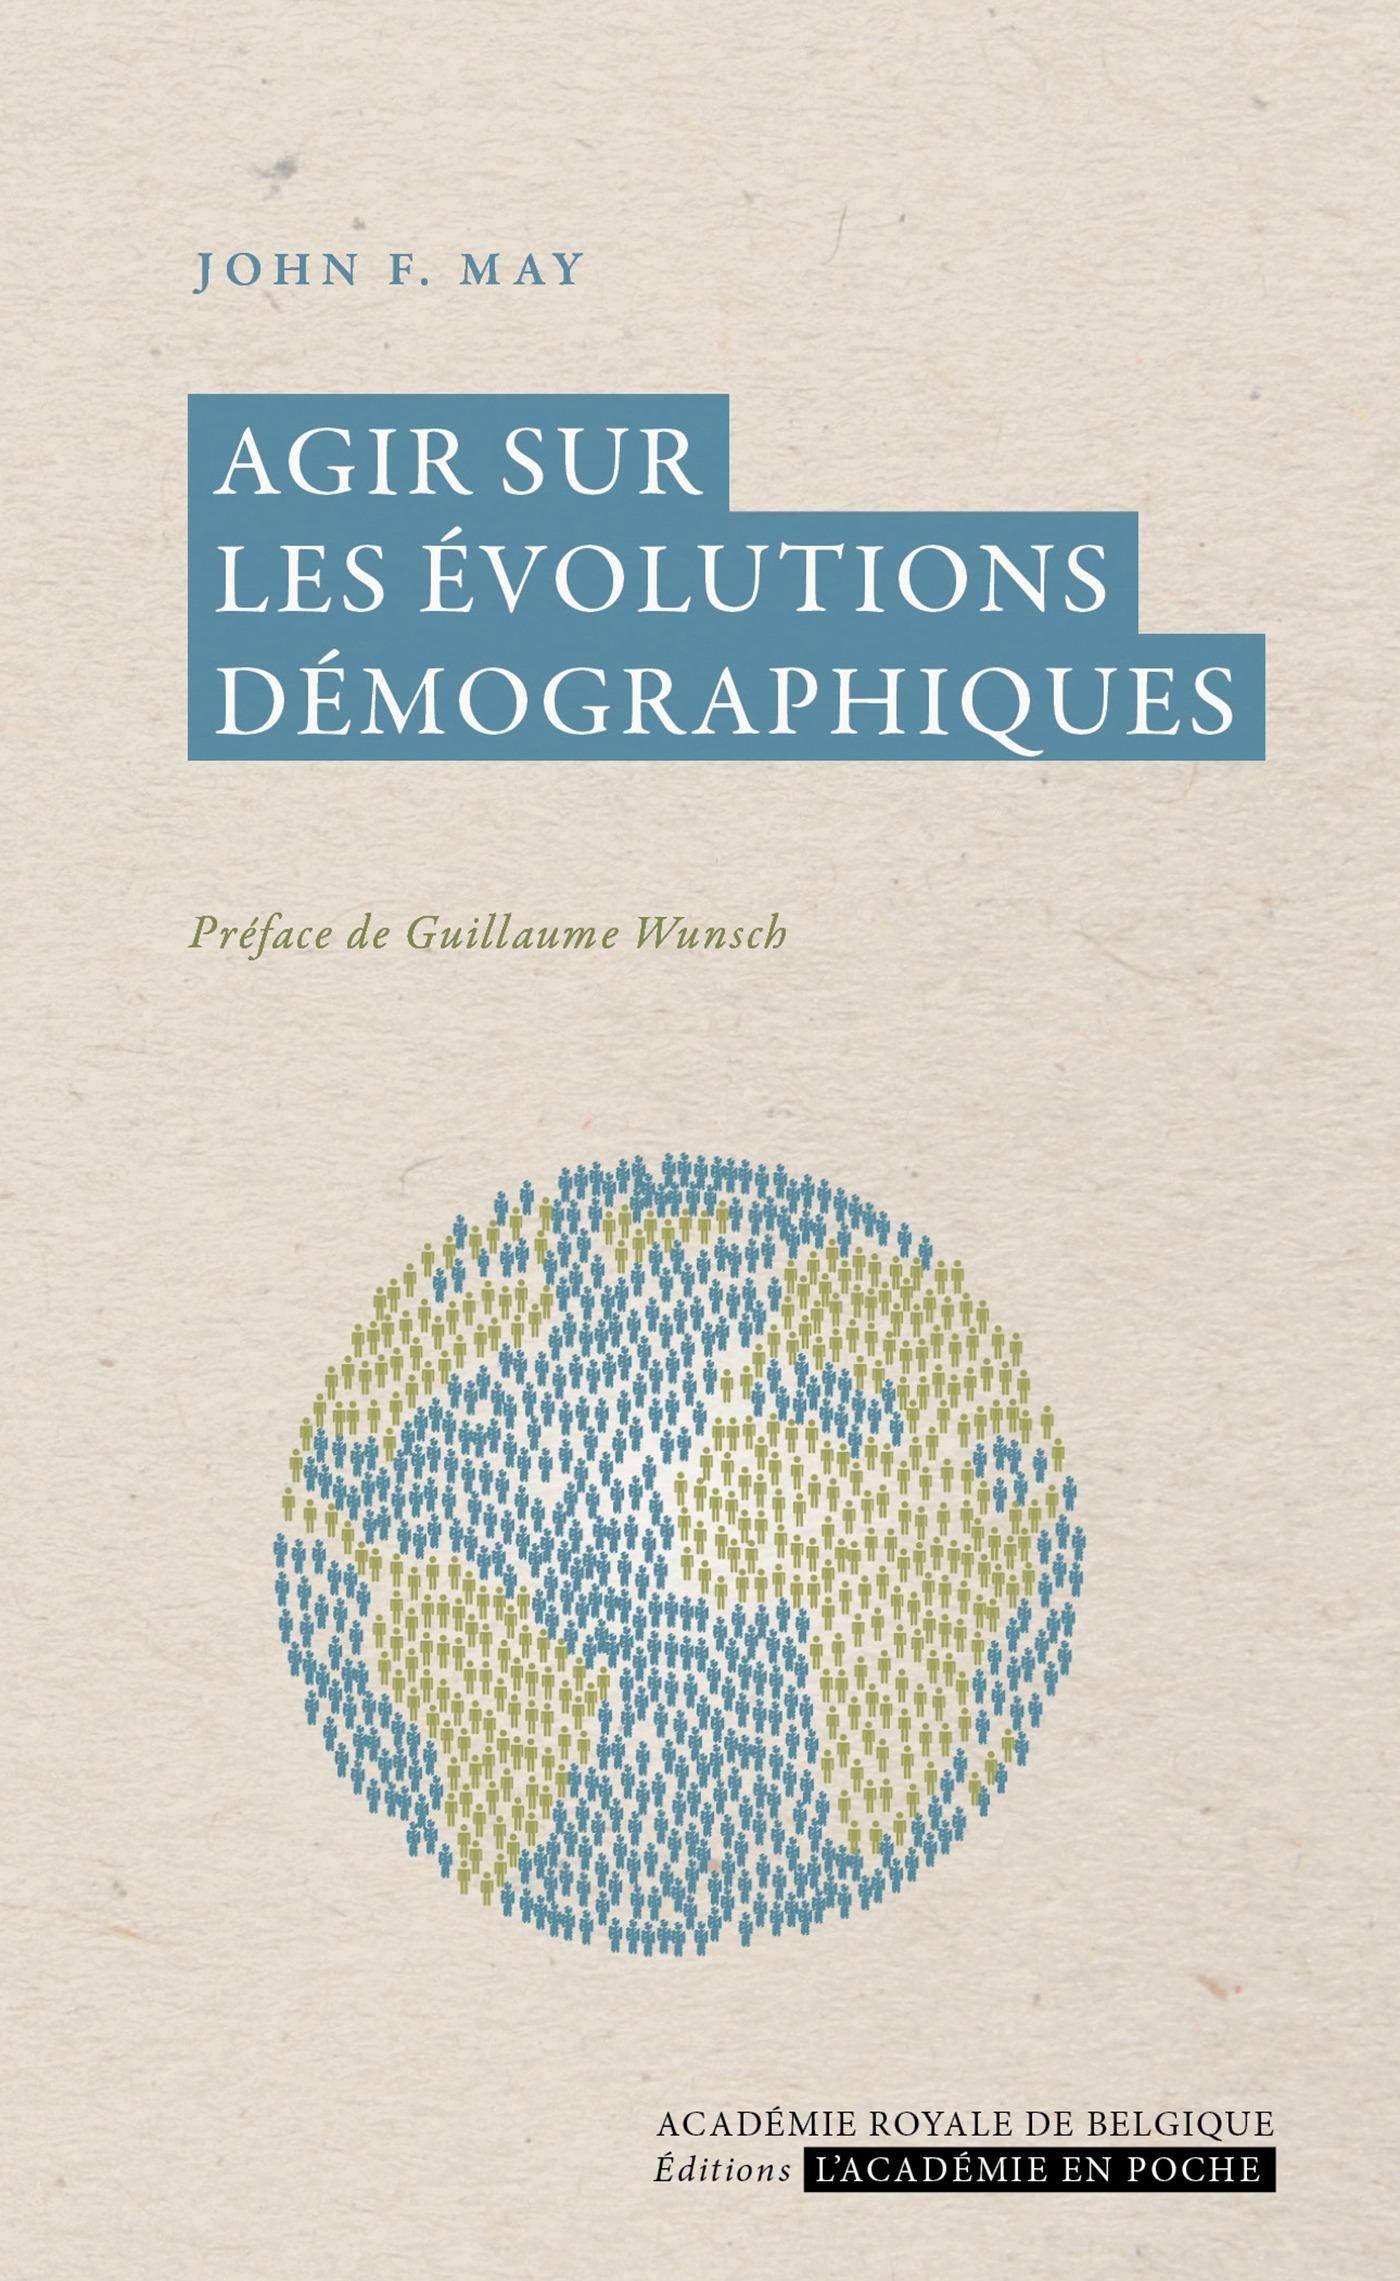 John F. May Agir sur les évolutions démographiques